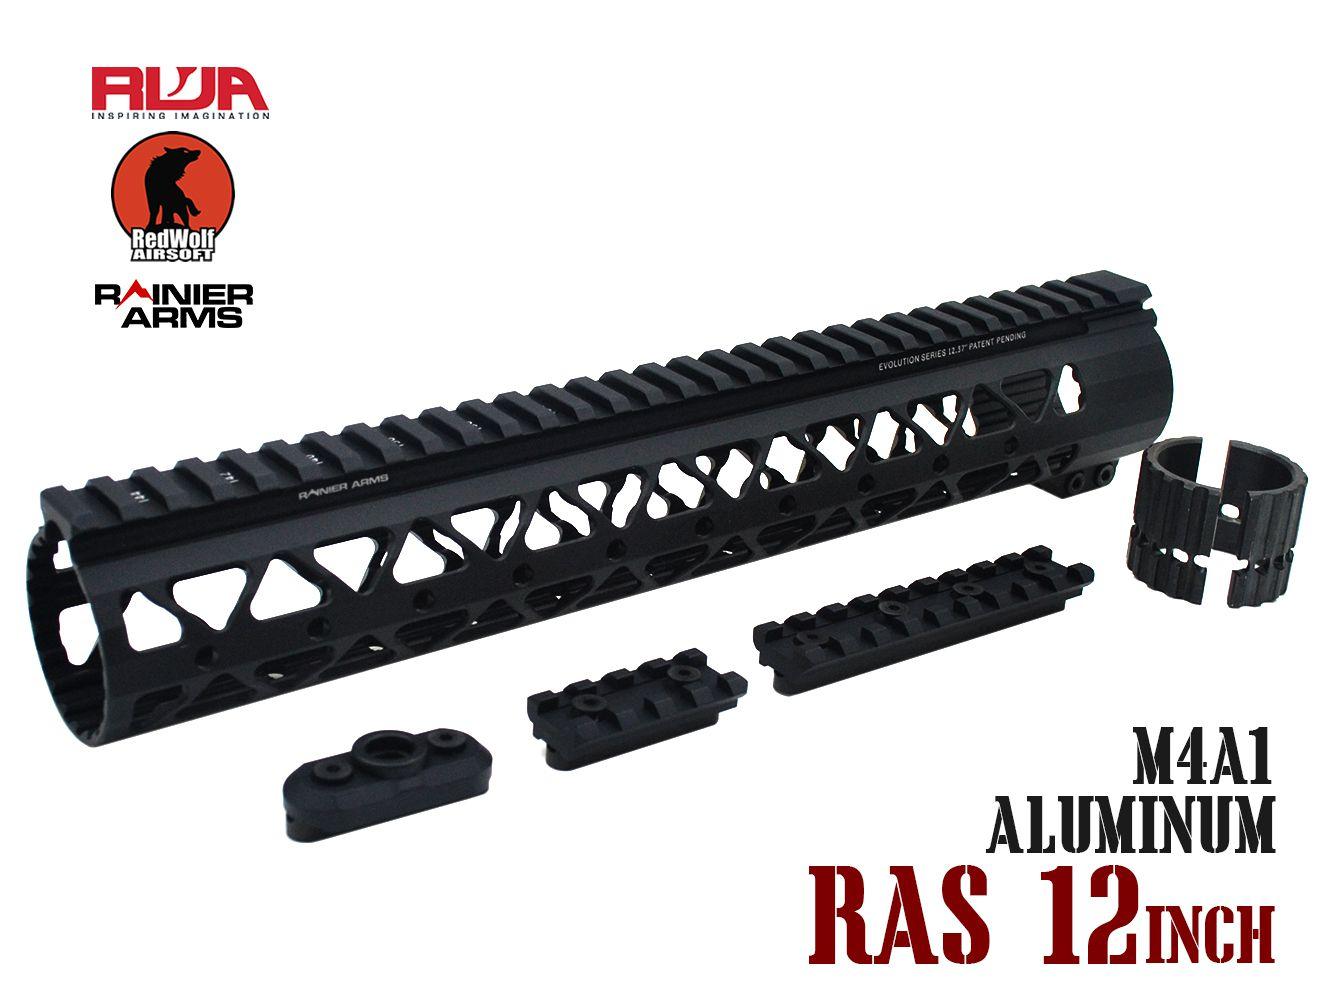 RWA Samson Rainier Arms ハンドガード 12インチ★レッドウルフ RED WOLF RAS レールシステム M4A1 MWS